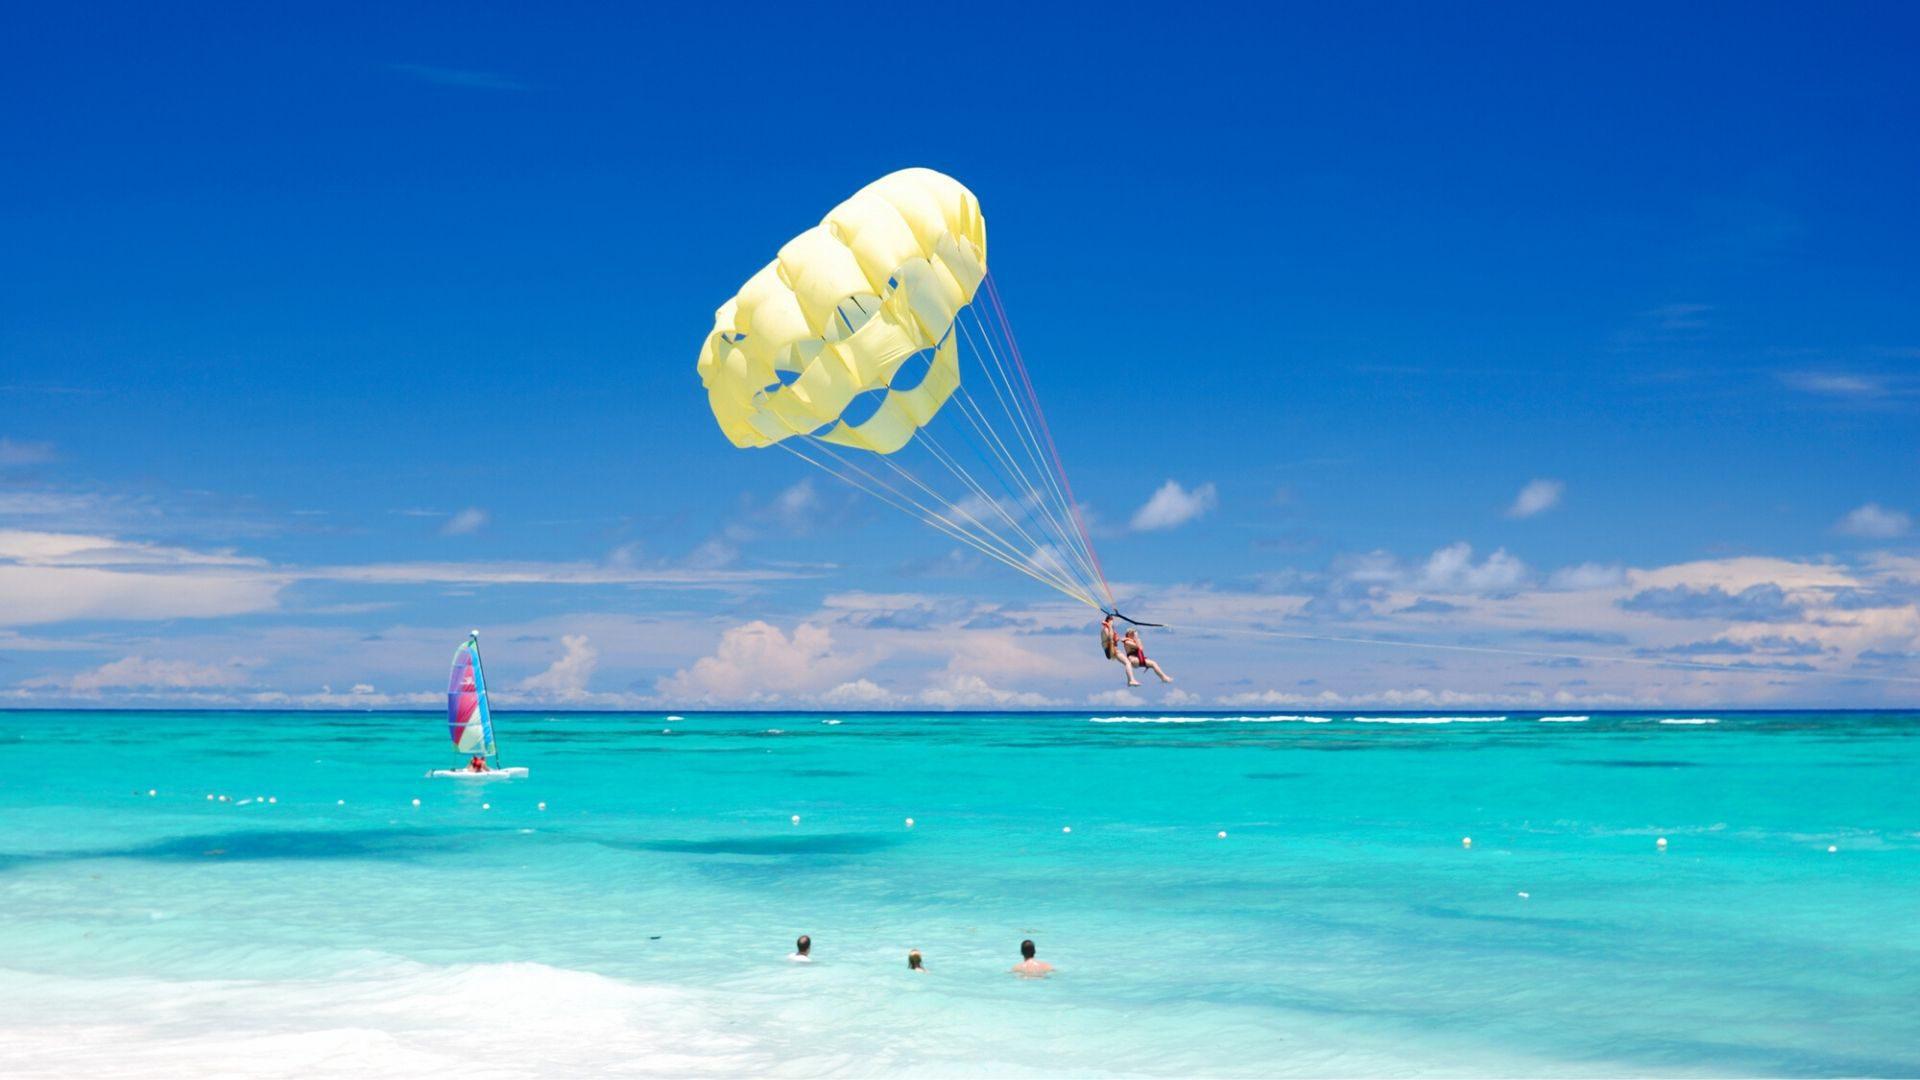 Punta Kanos kurortas - ideali vieta įvairiausioms vandens pramogoms